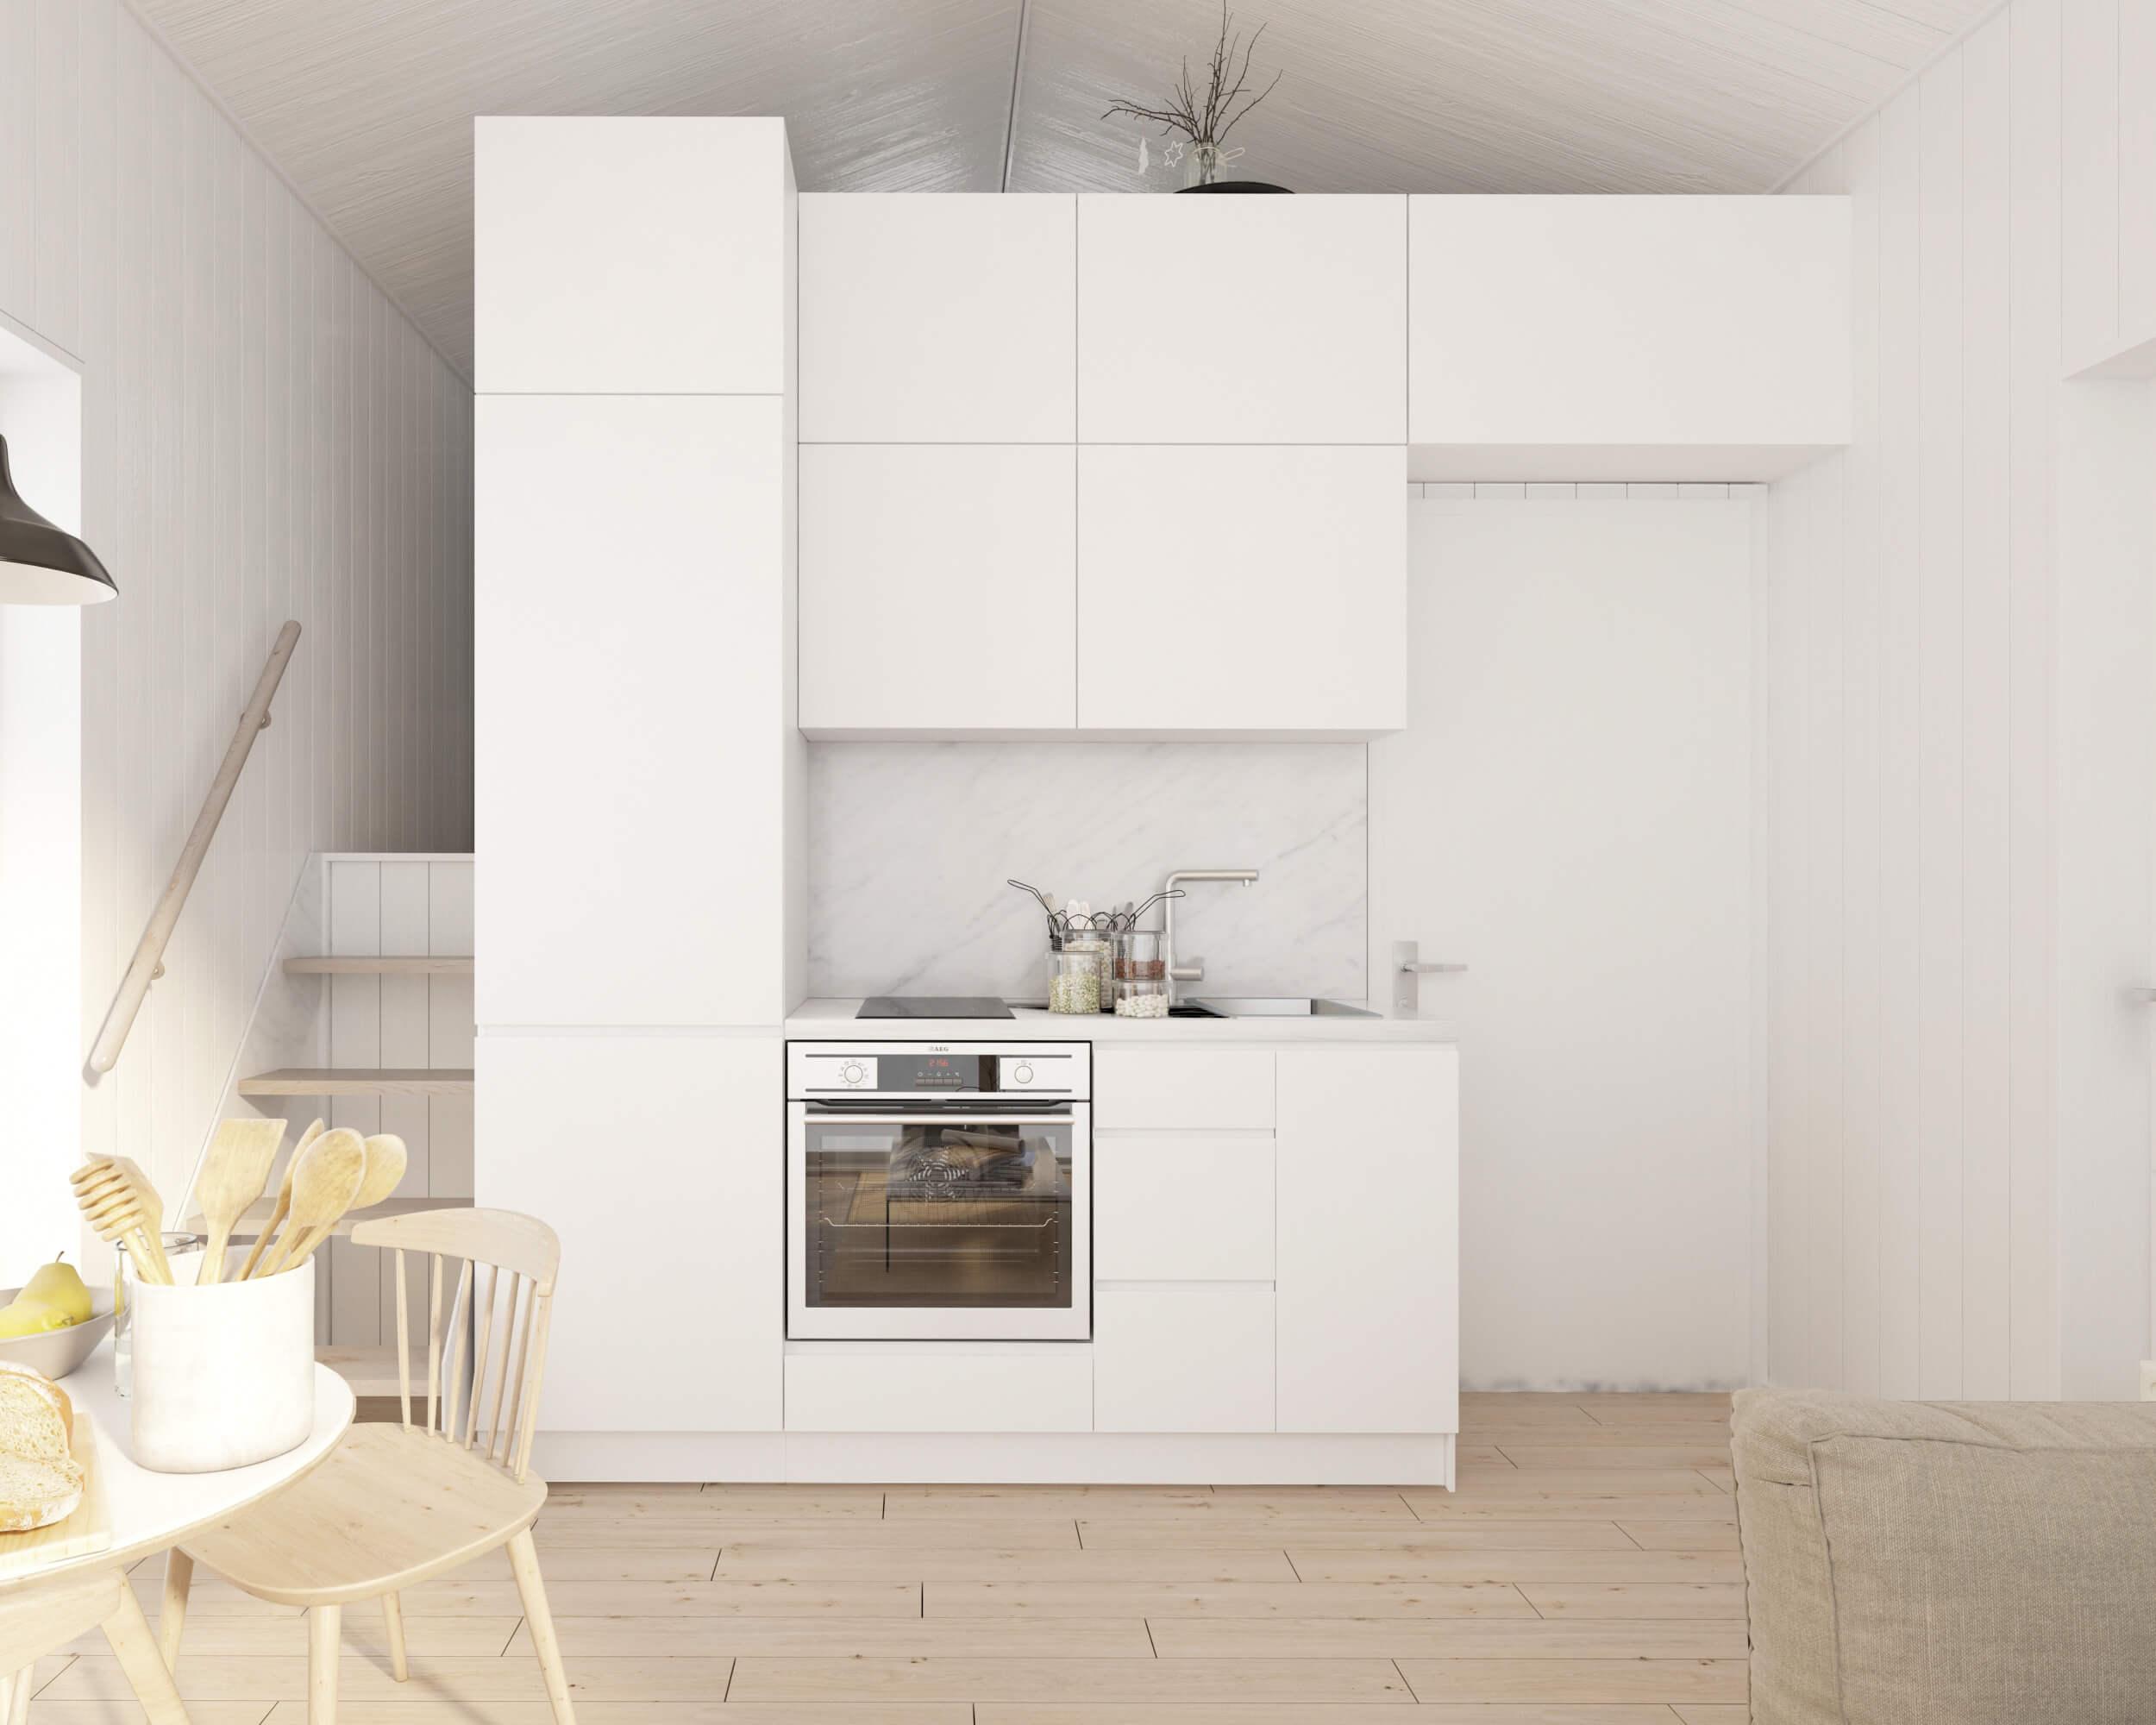 Attefallshus klassiskt Panorama 25.3 ljust kök med vita köksluckor